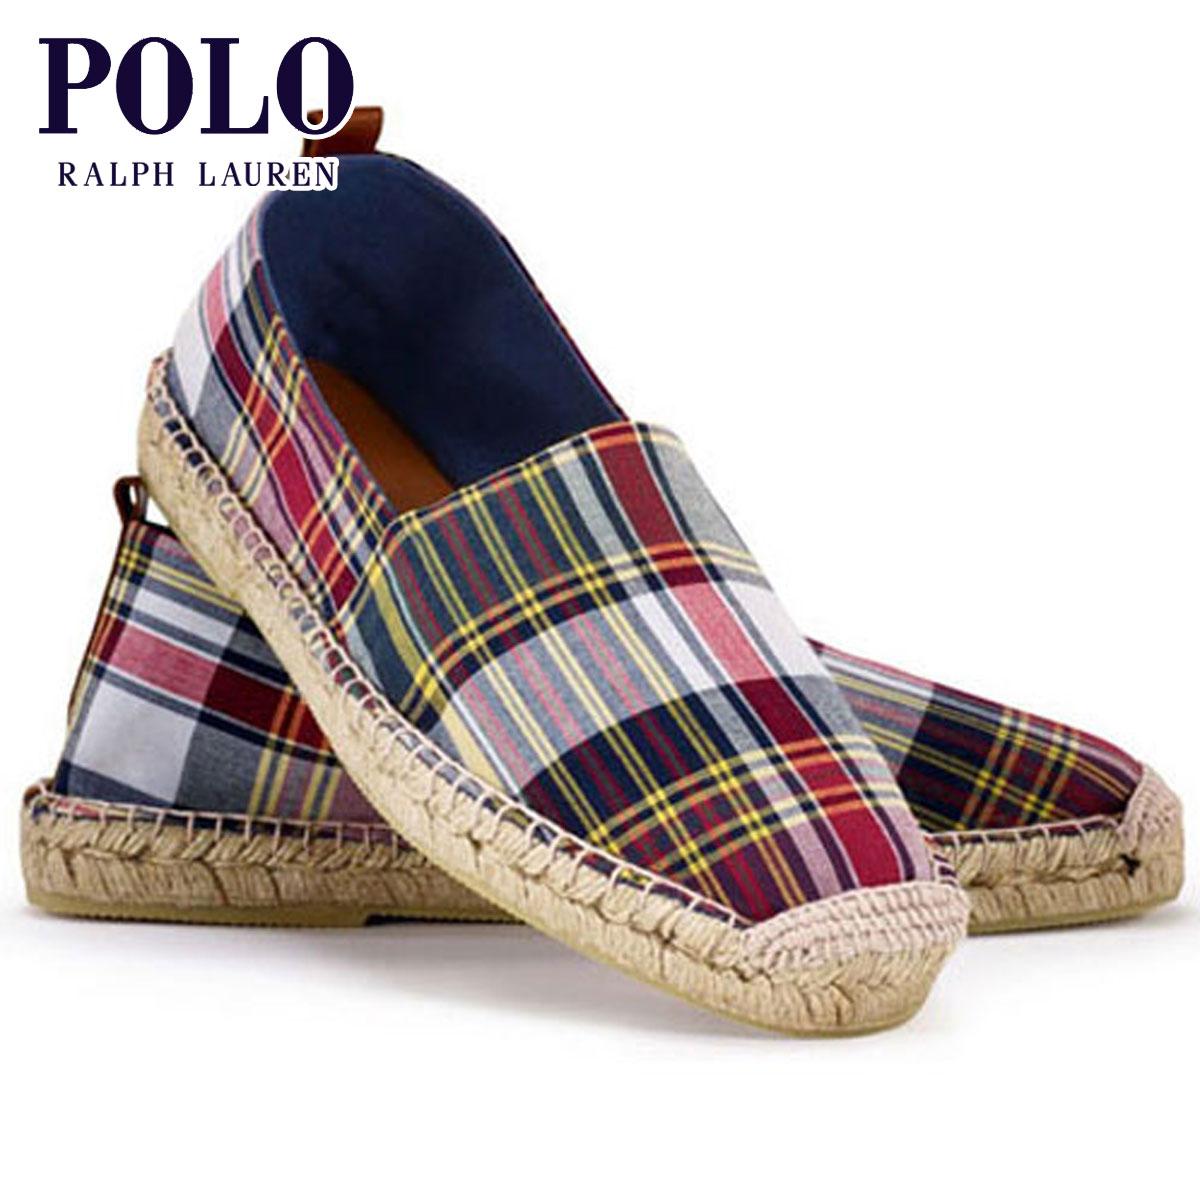 ポロ ラルフローレン POLO RALPH LAUREN 正規品 メンズ 靴 シューズ Madras Espadrille D20S30